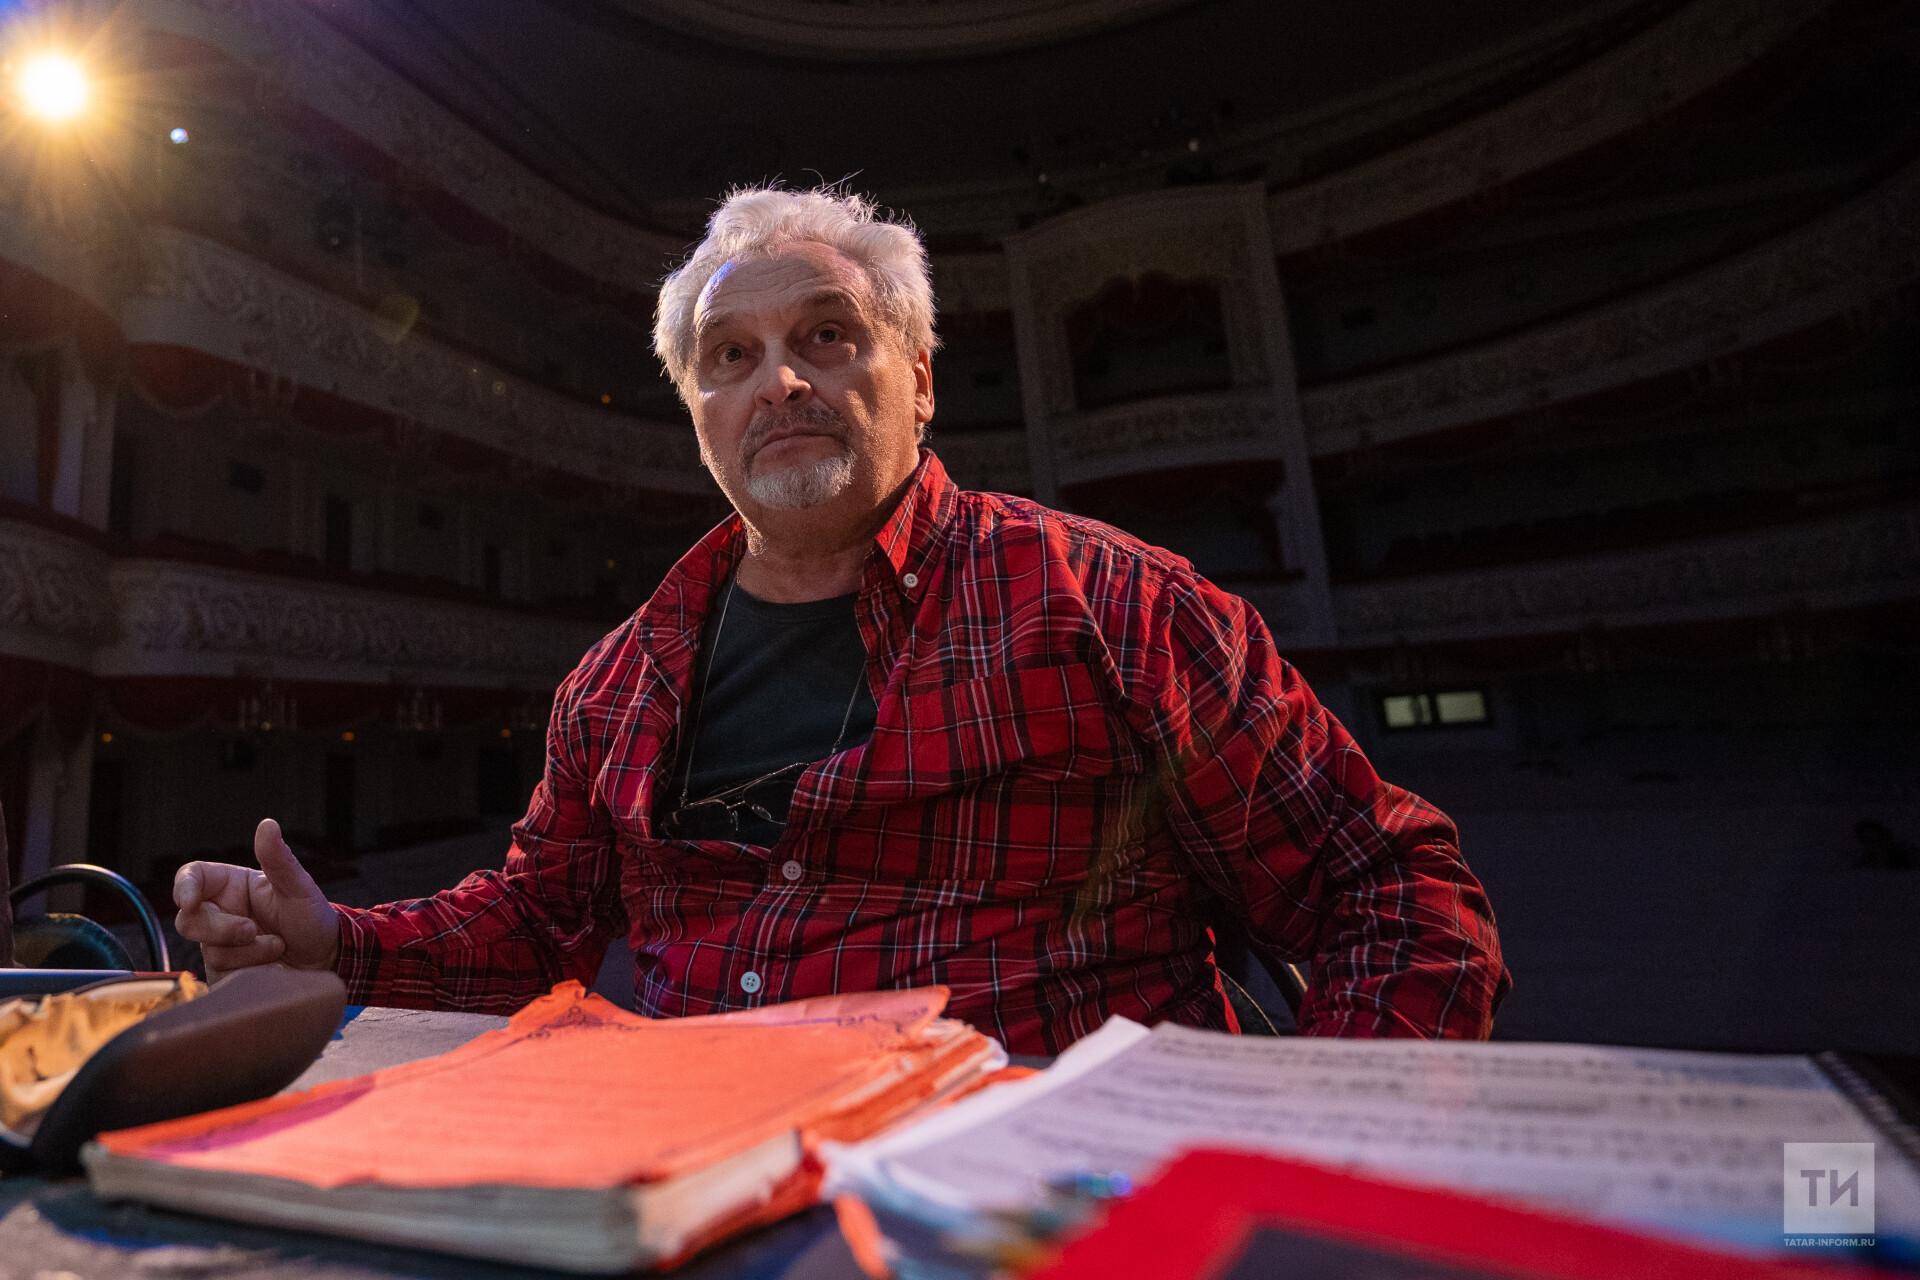 В Татарском театре оперы и балета готовится премьера оперы «Тоска»